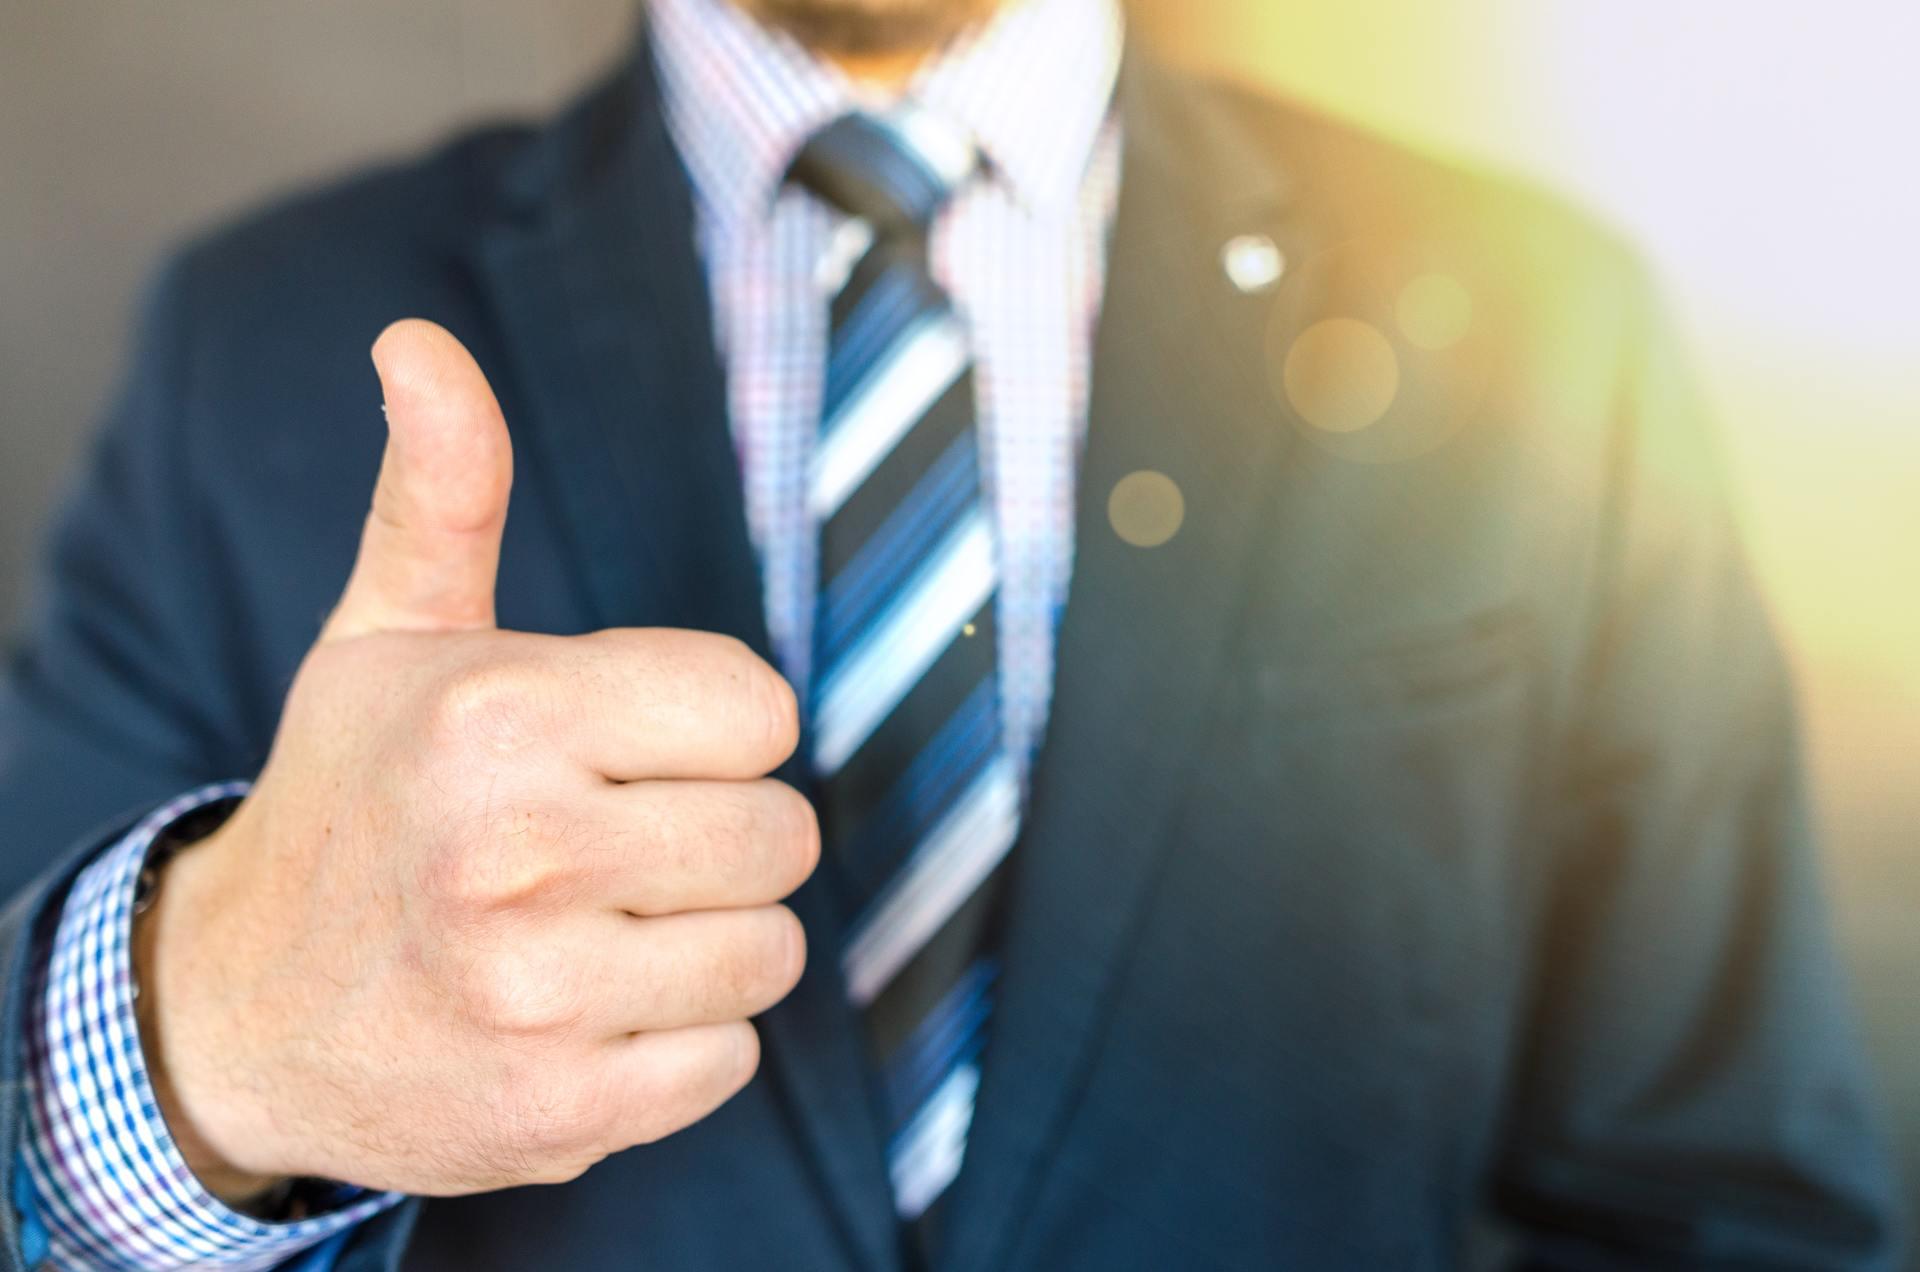 系统上线运用才是真正价值创造的开始!只有完善的系统+高水平设计方案才可能持续被客户运用→改善→认可→价值形成。FLEXSCHE具备的优秀特性,使方案的改进和提升更为简单,具有持久生命力!